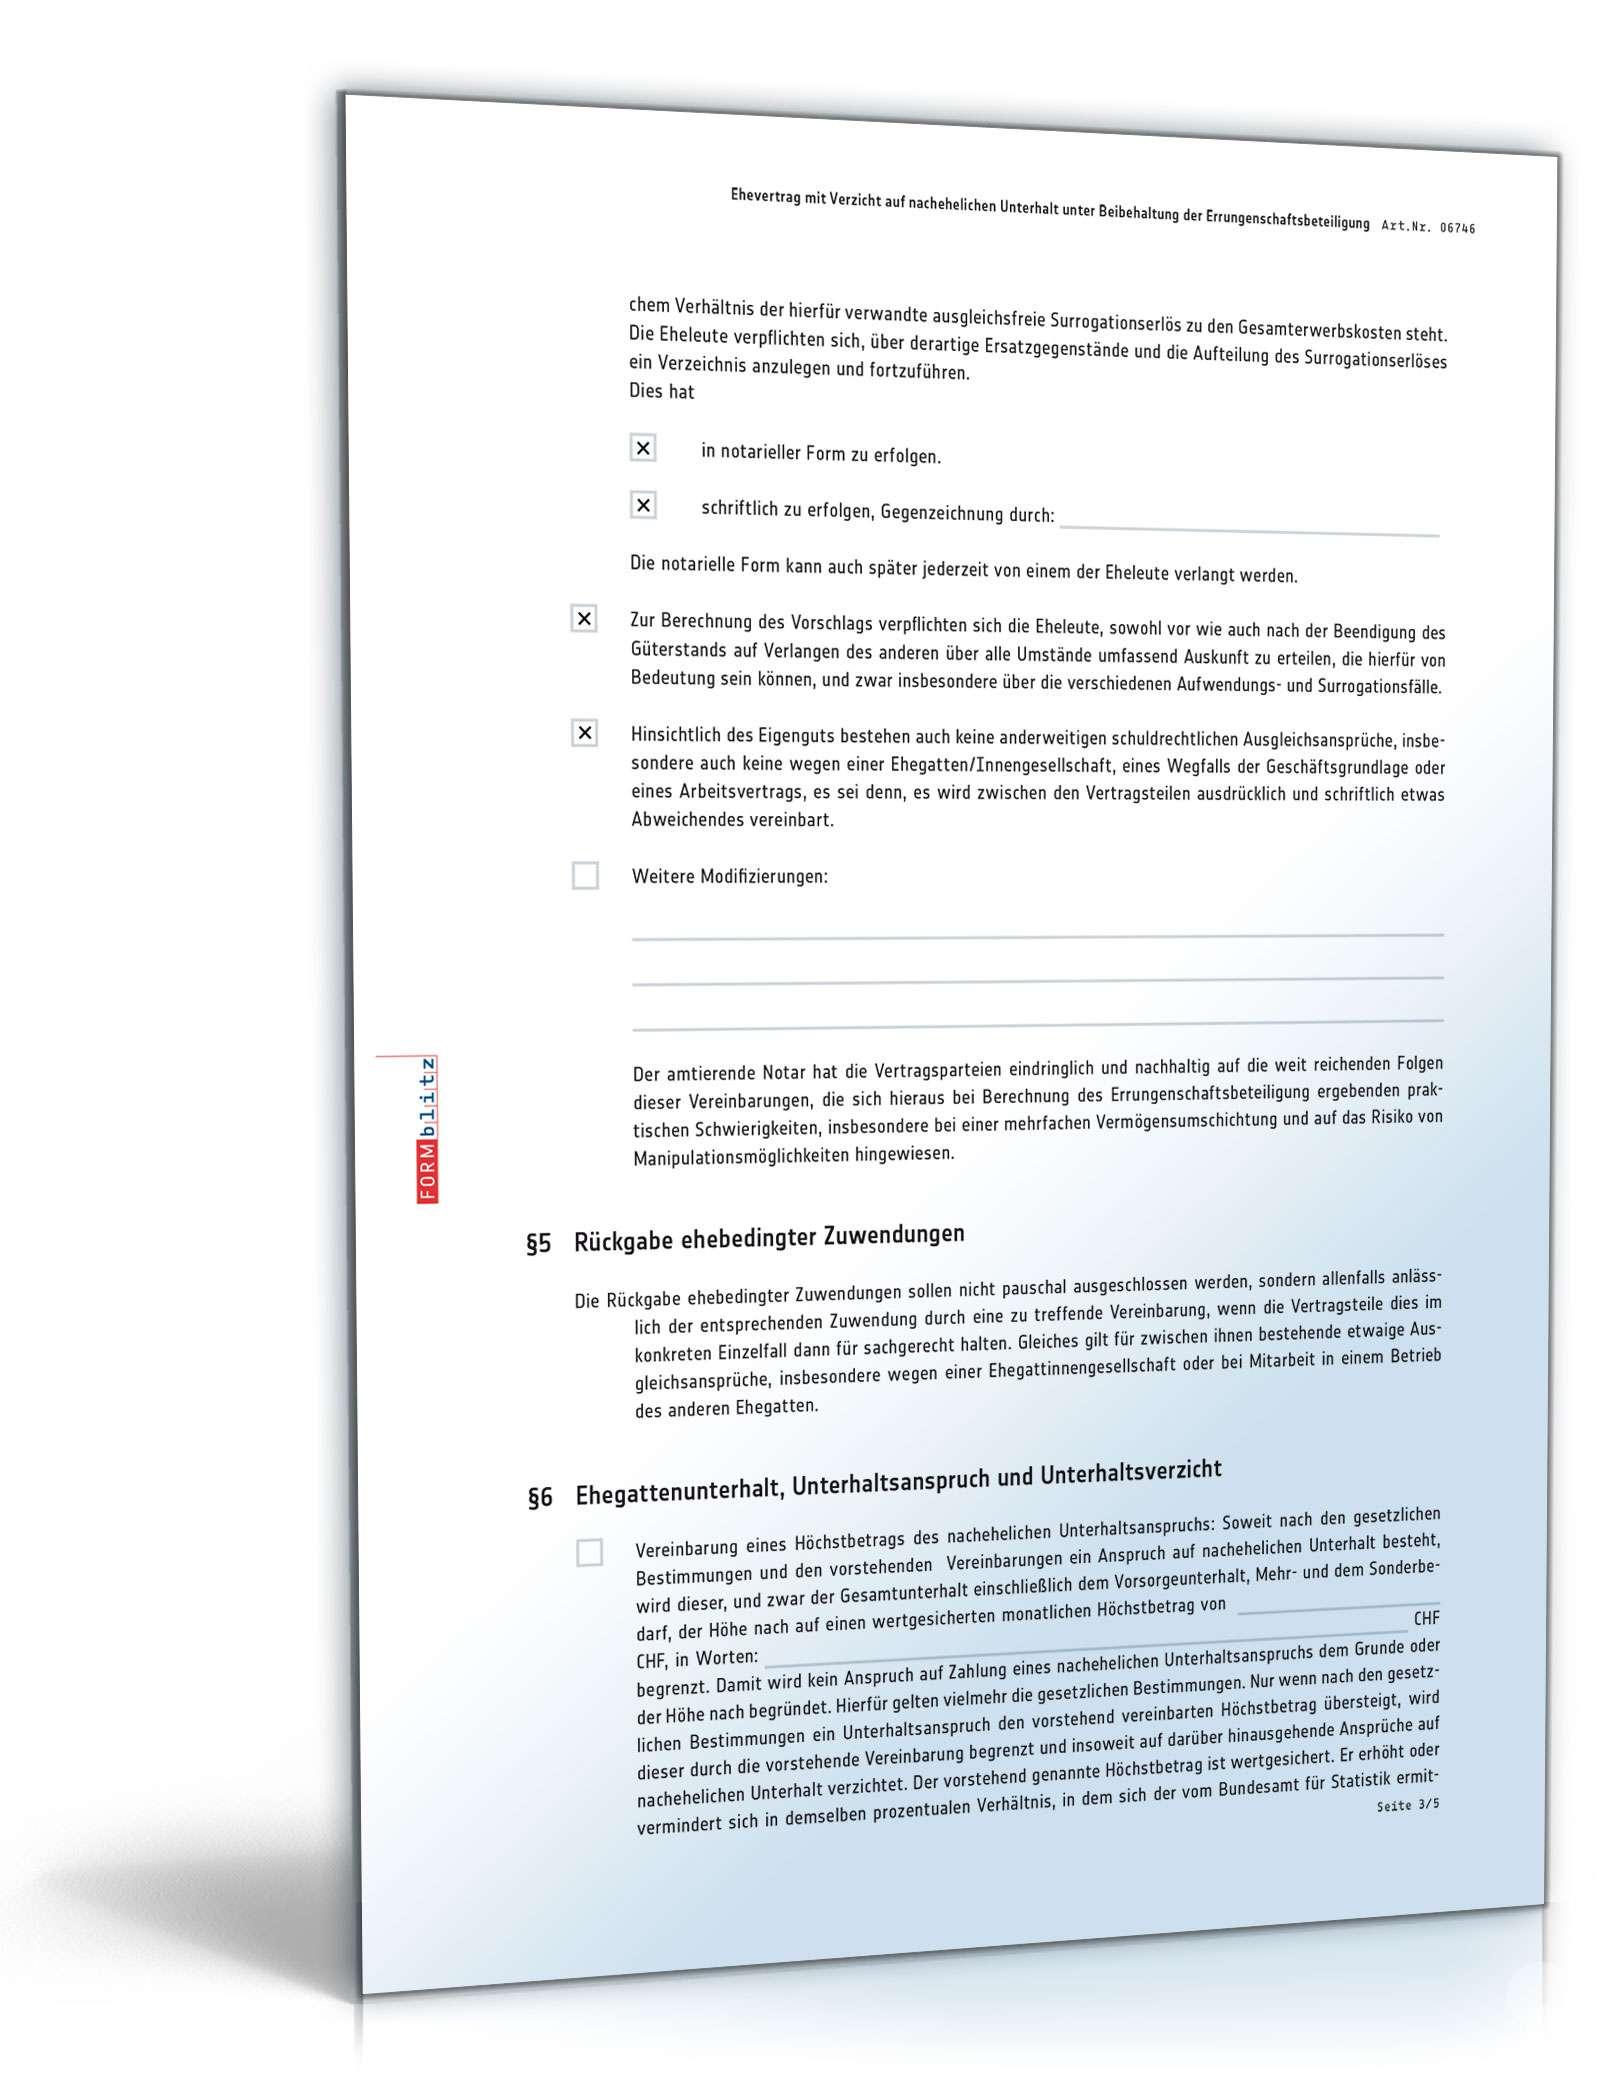 Ausgezeichnet Verzicht Vorlage Wort Bilder - Beispielzusammenfassung ...